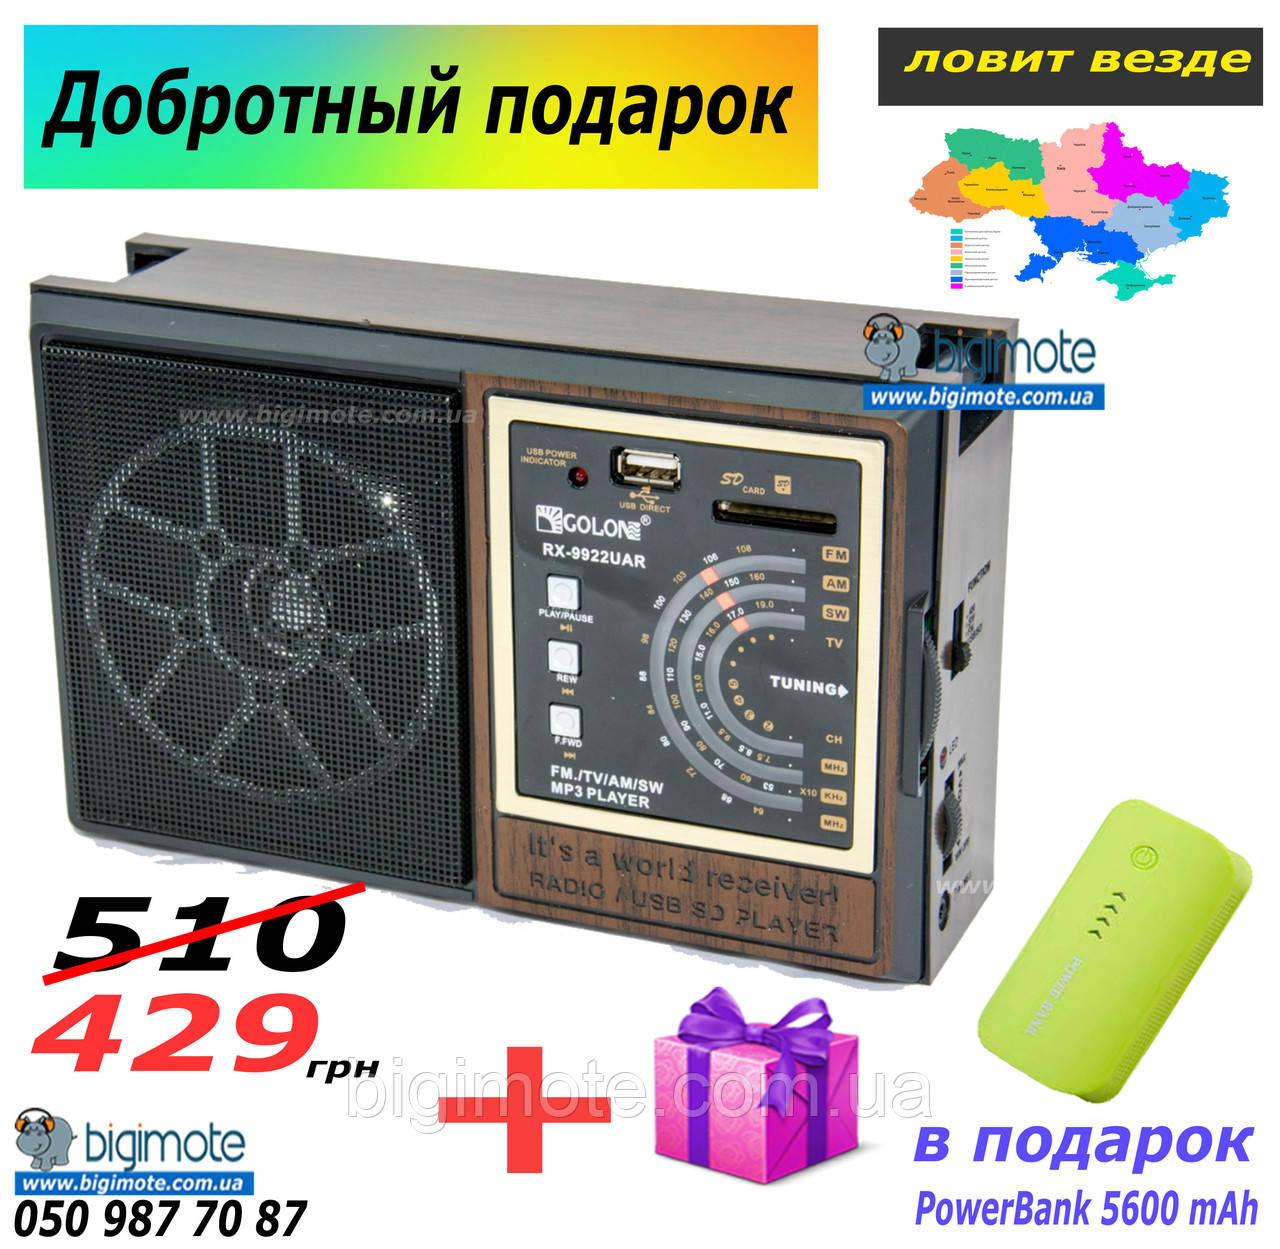 USB. Качественный FM радиоприемник, с мощным приемом,встроенным аккумулятором и поддержкой USB,Rx-9933s